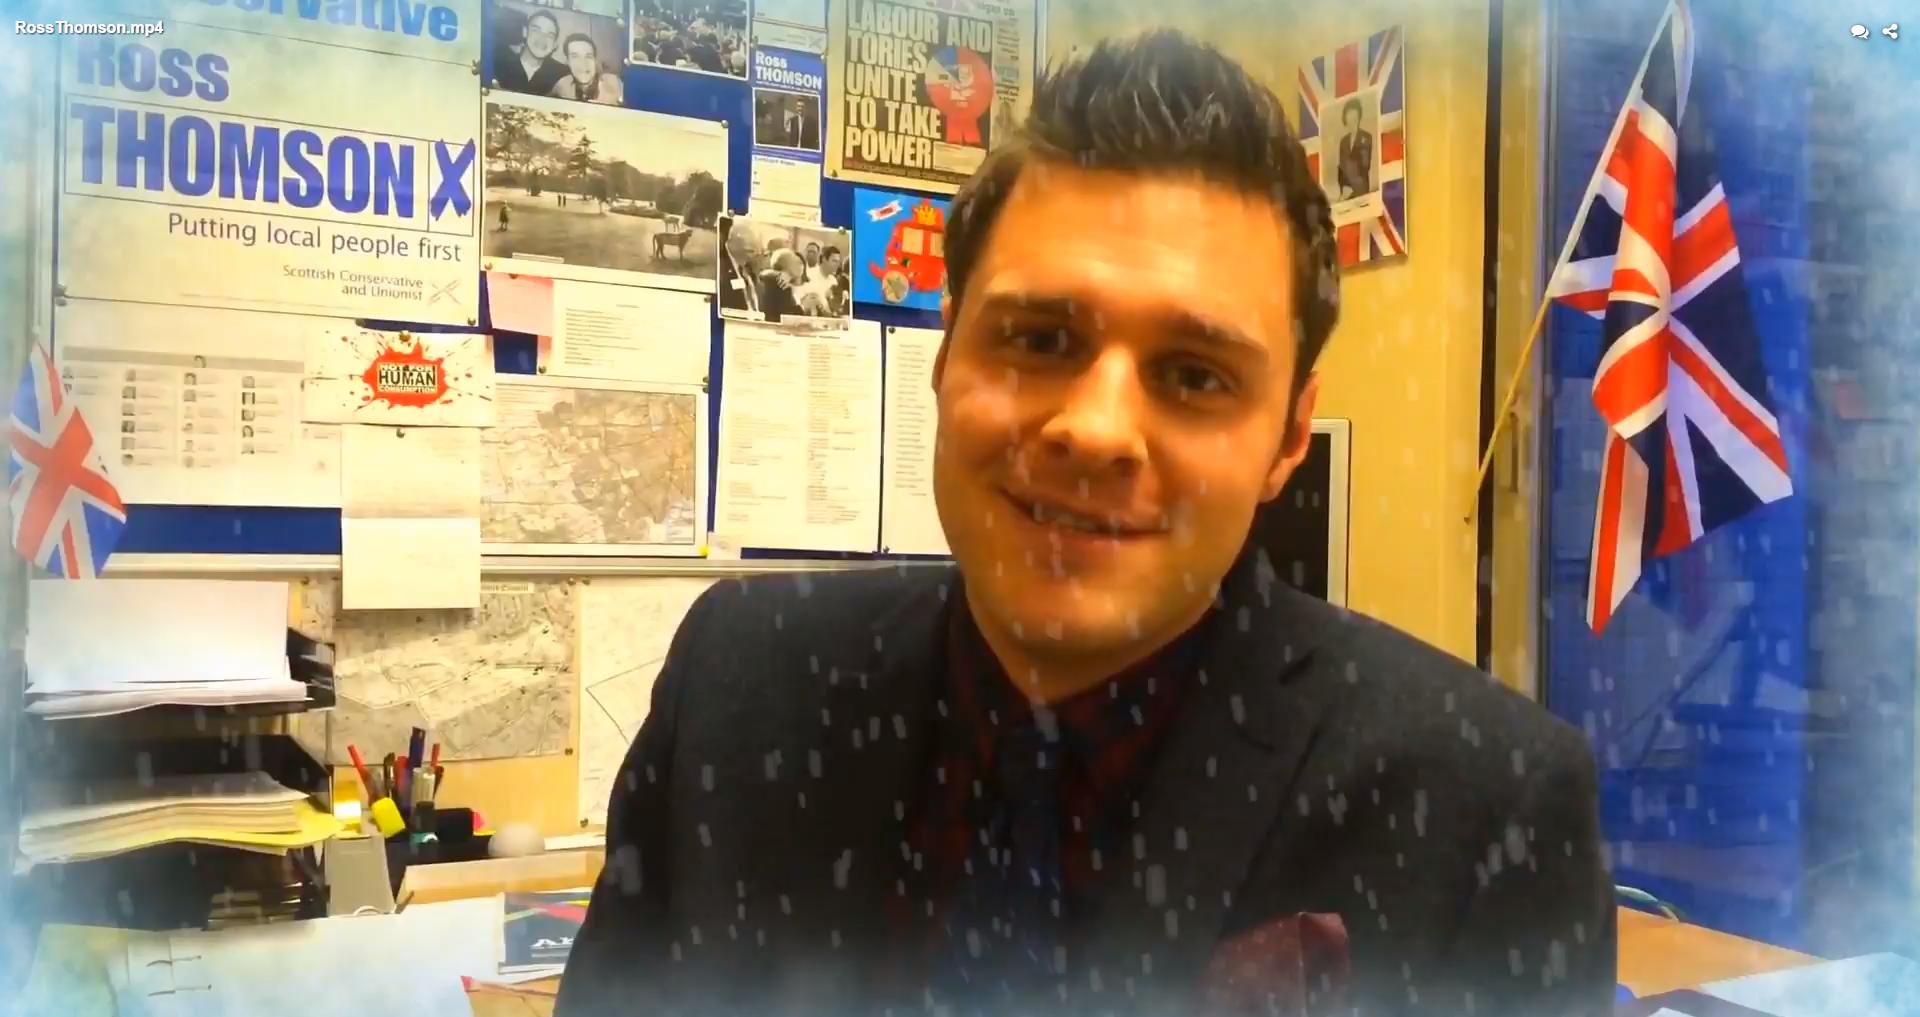 Aberdeen City Councillor Ross Thomson